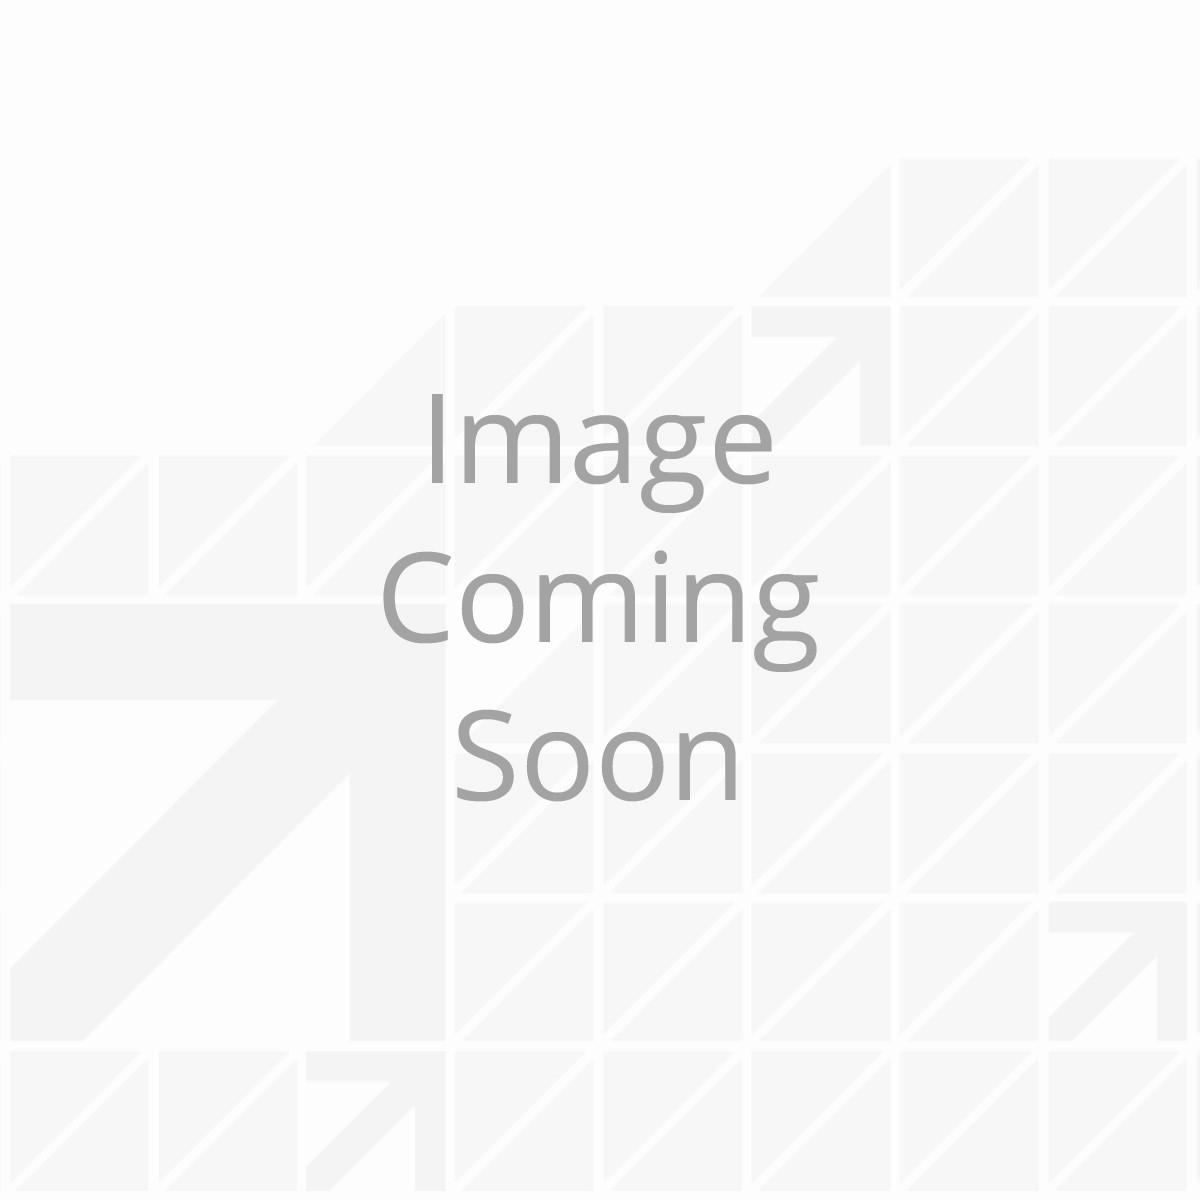 Lunette Ring Hardware Kit